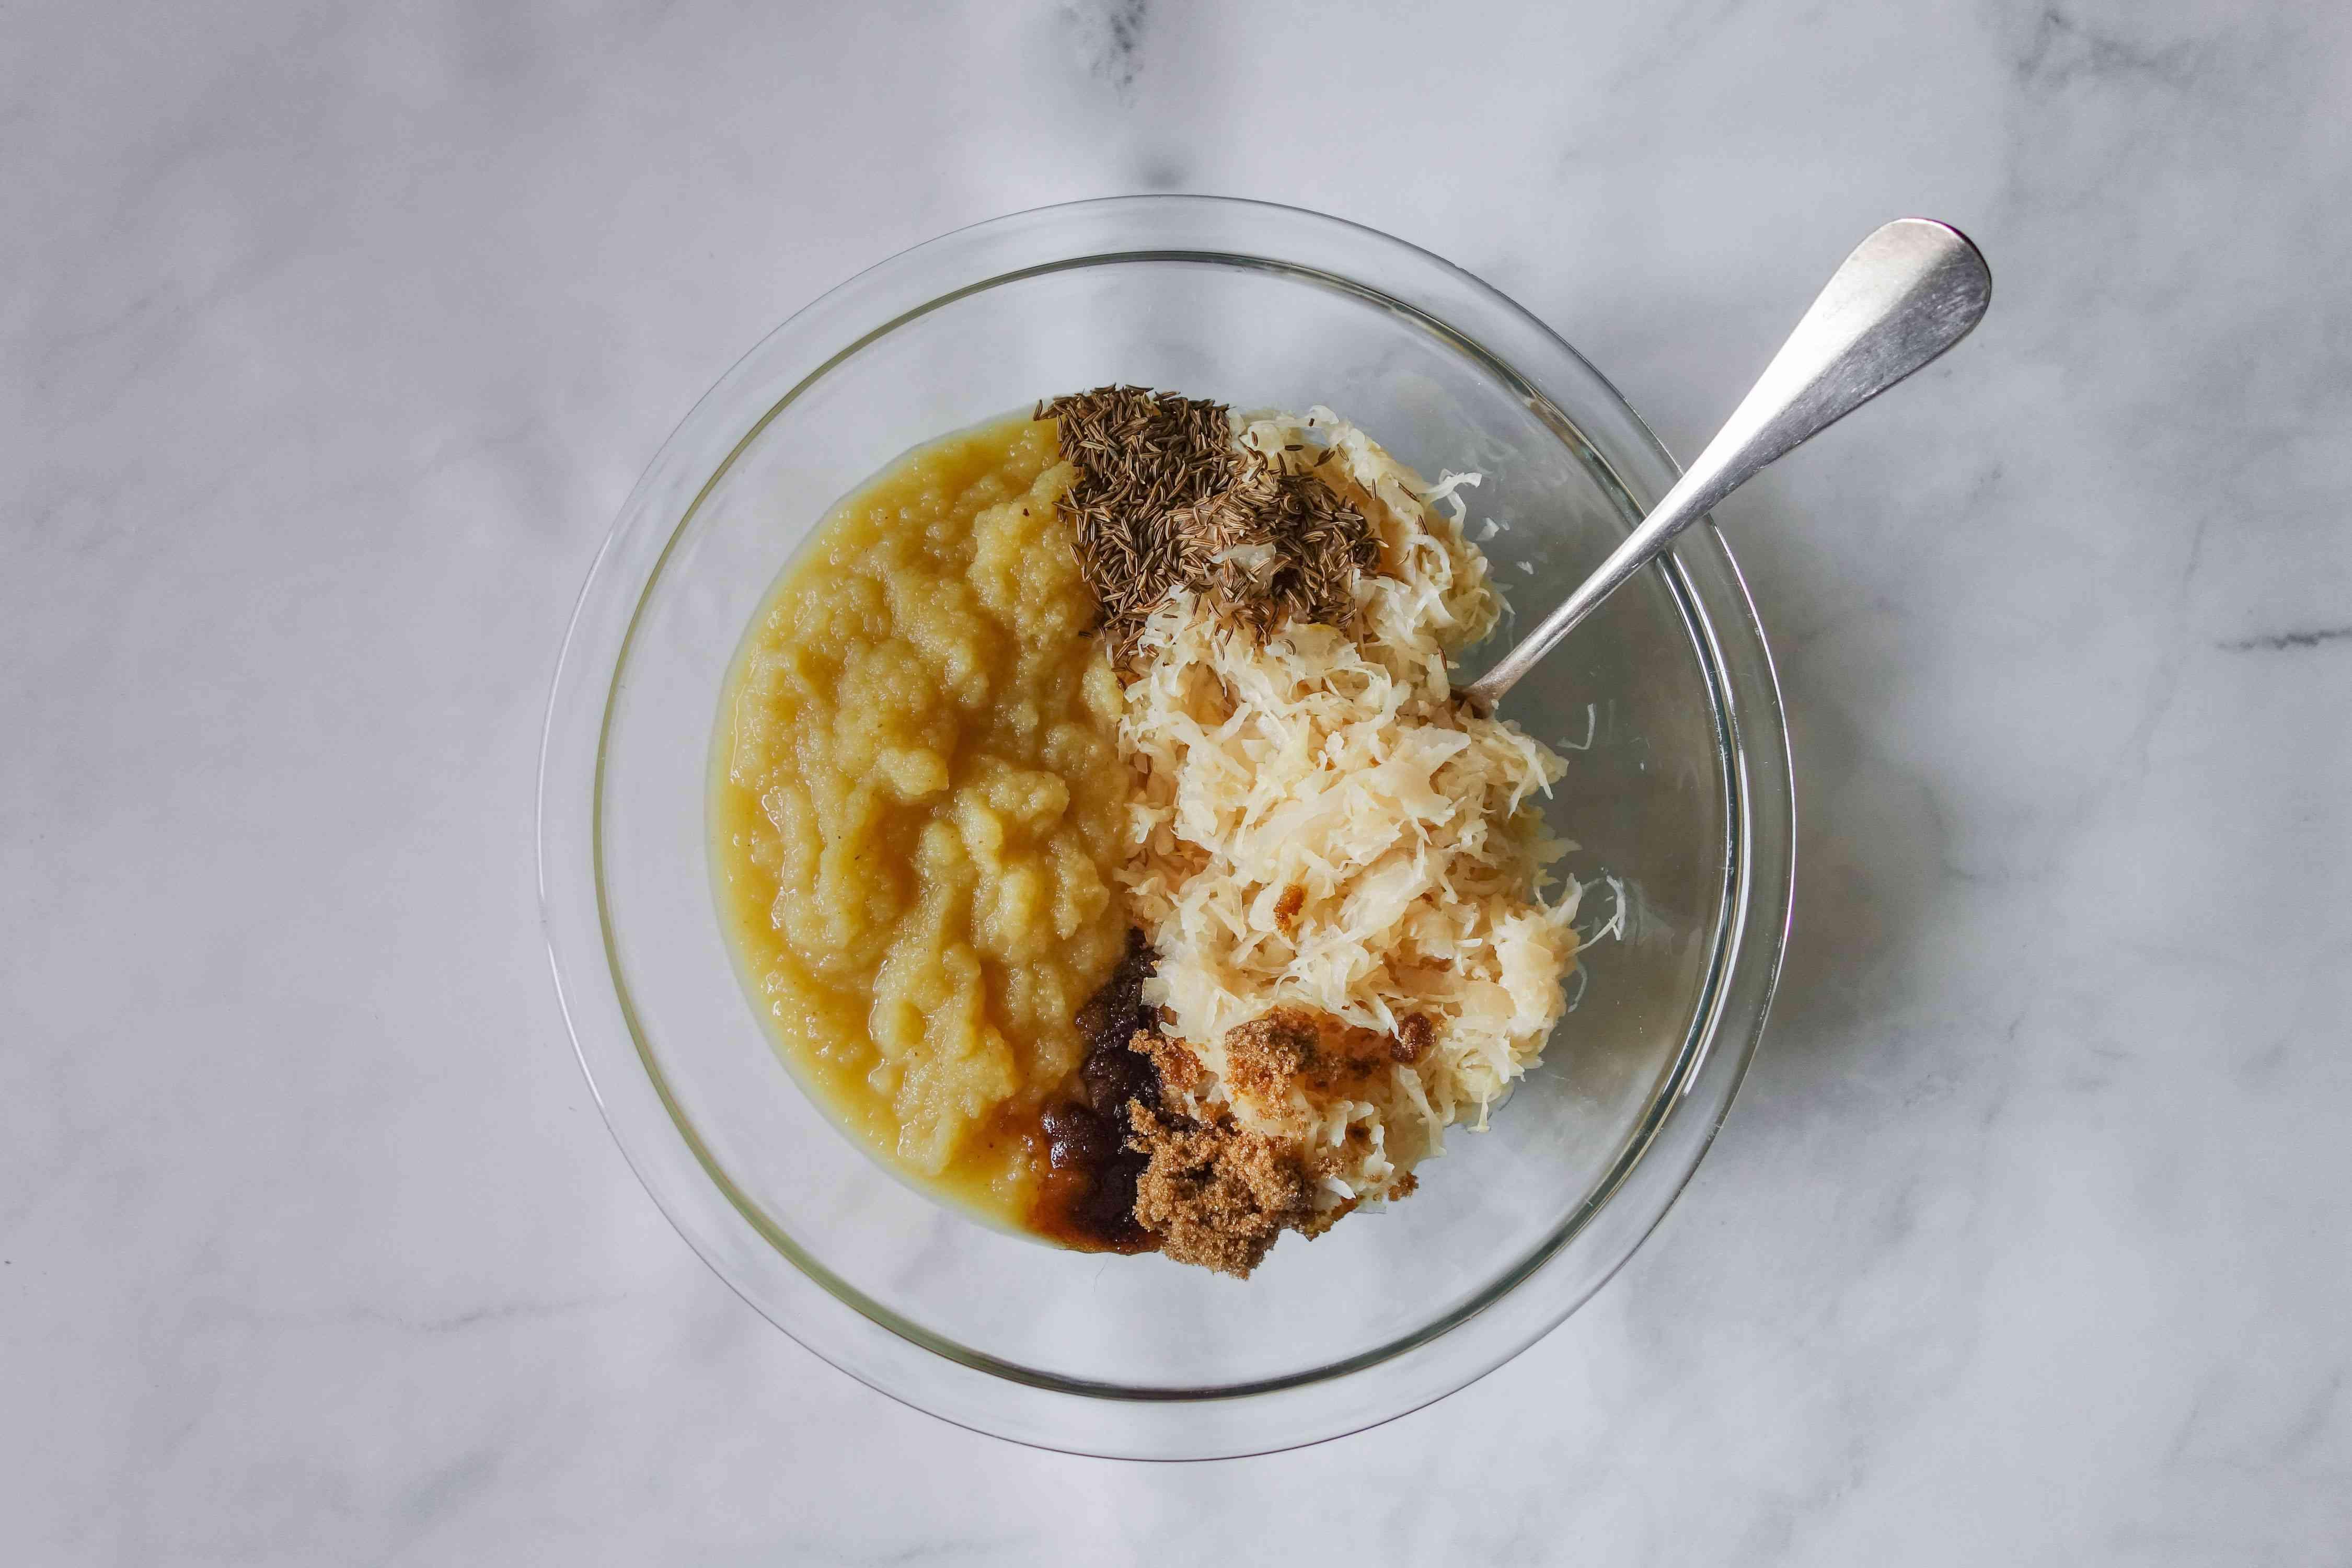 Mixing sauerkraut, applesauce, brown sugar, and caraway seeds in a bowl